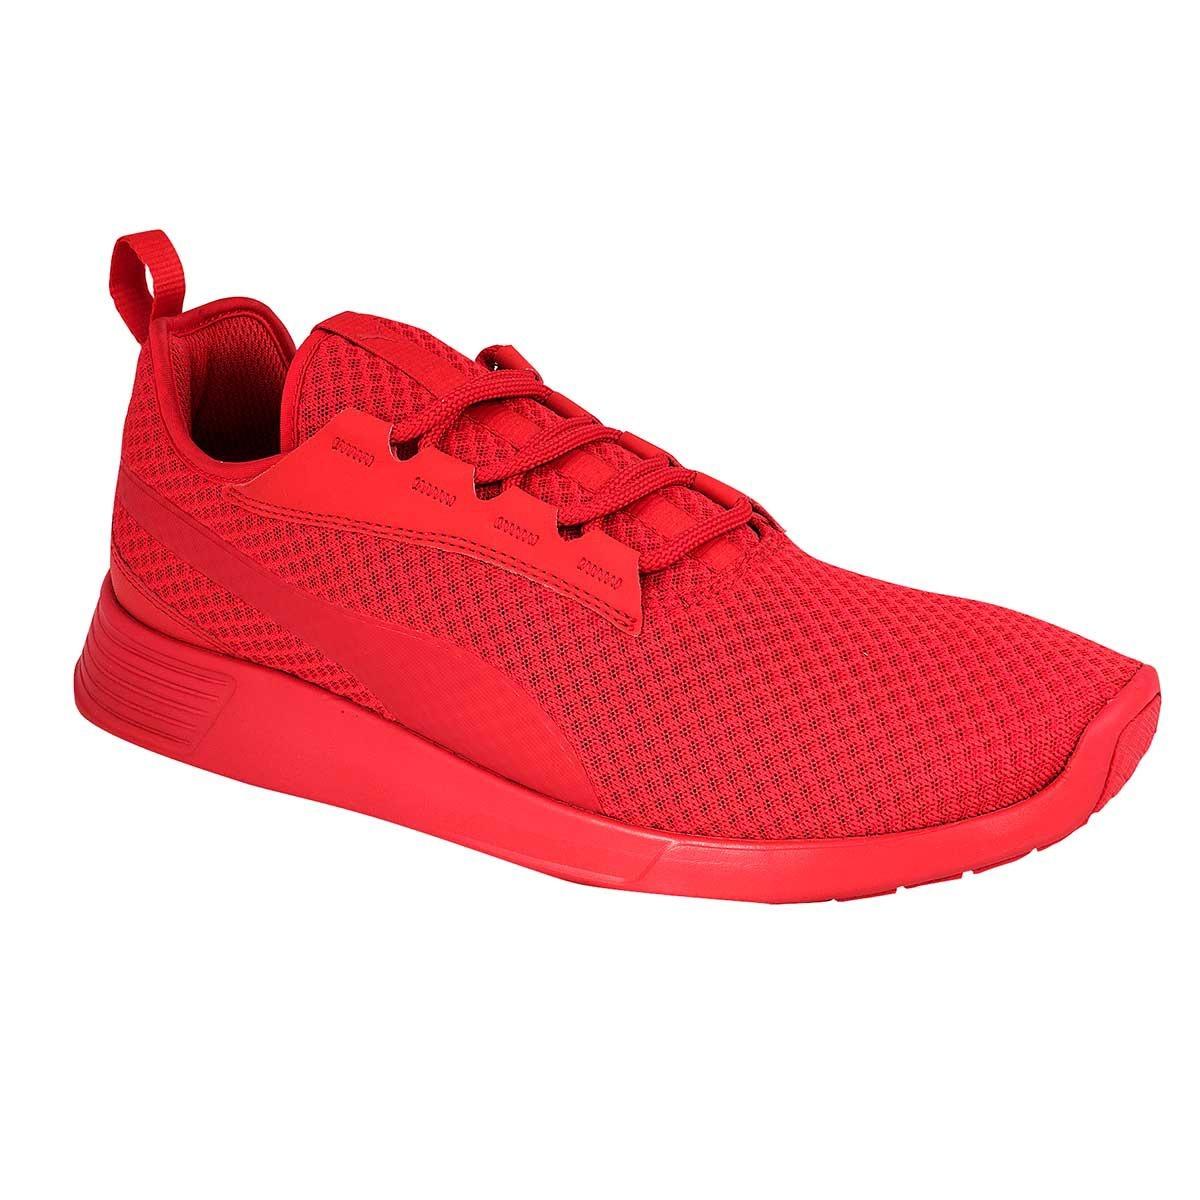 325df5528d17b Tenis Puma St Trainer Evo V2 Rojo 363742-15 Look Trendy - $ 1,299.00 ...